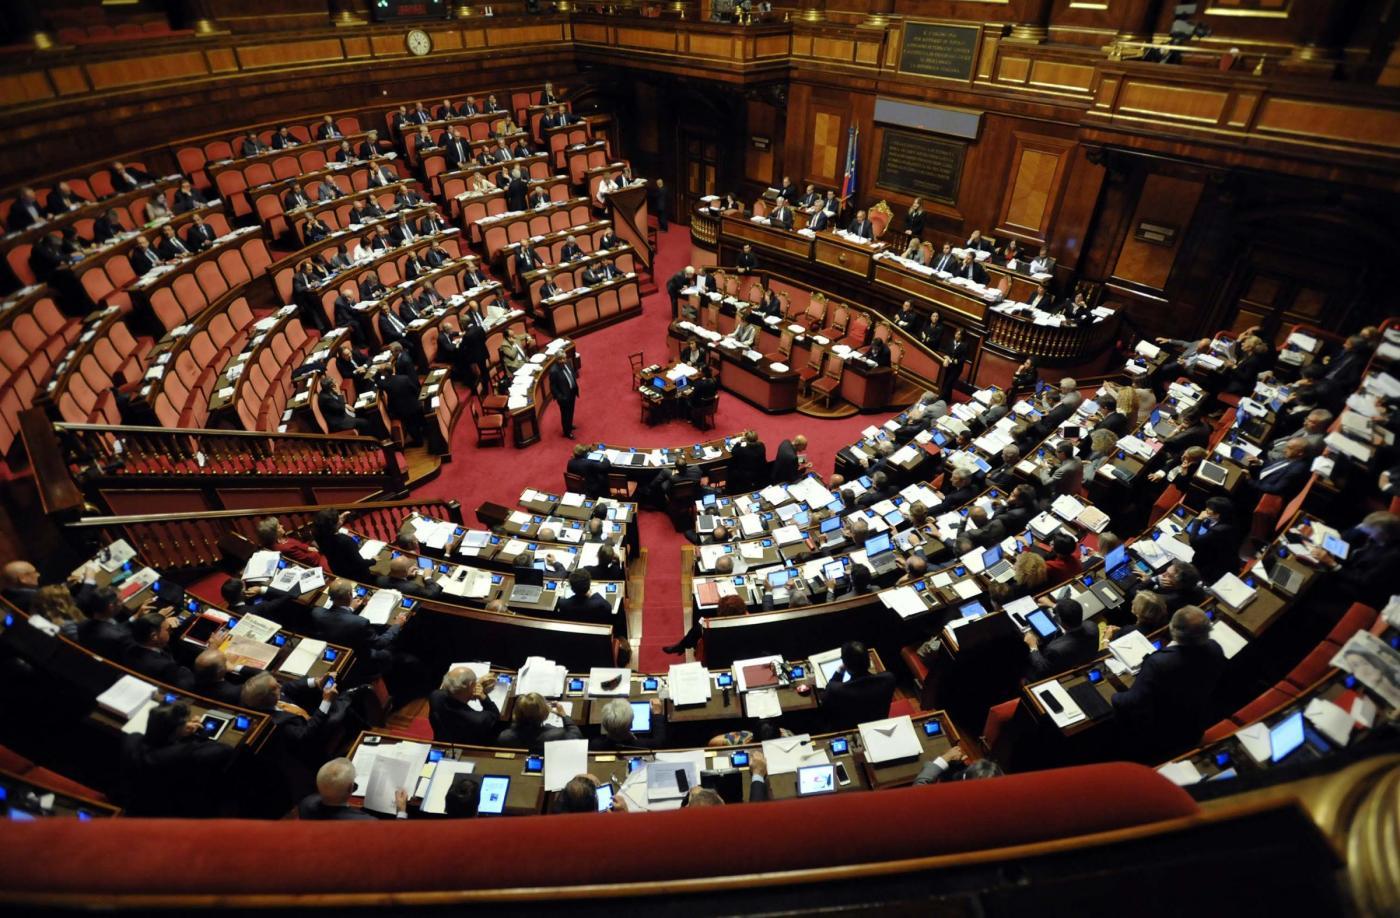 Insulti sessisti in Parlamento e fuori dall'aula: la classifica dei peggiori